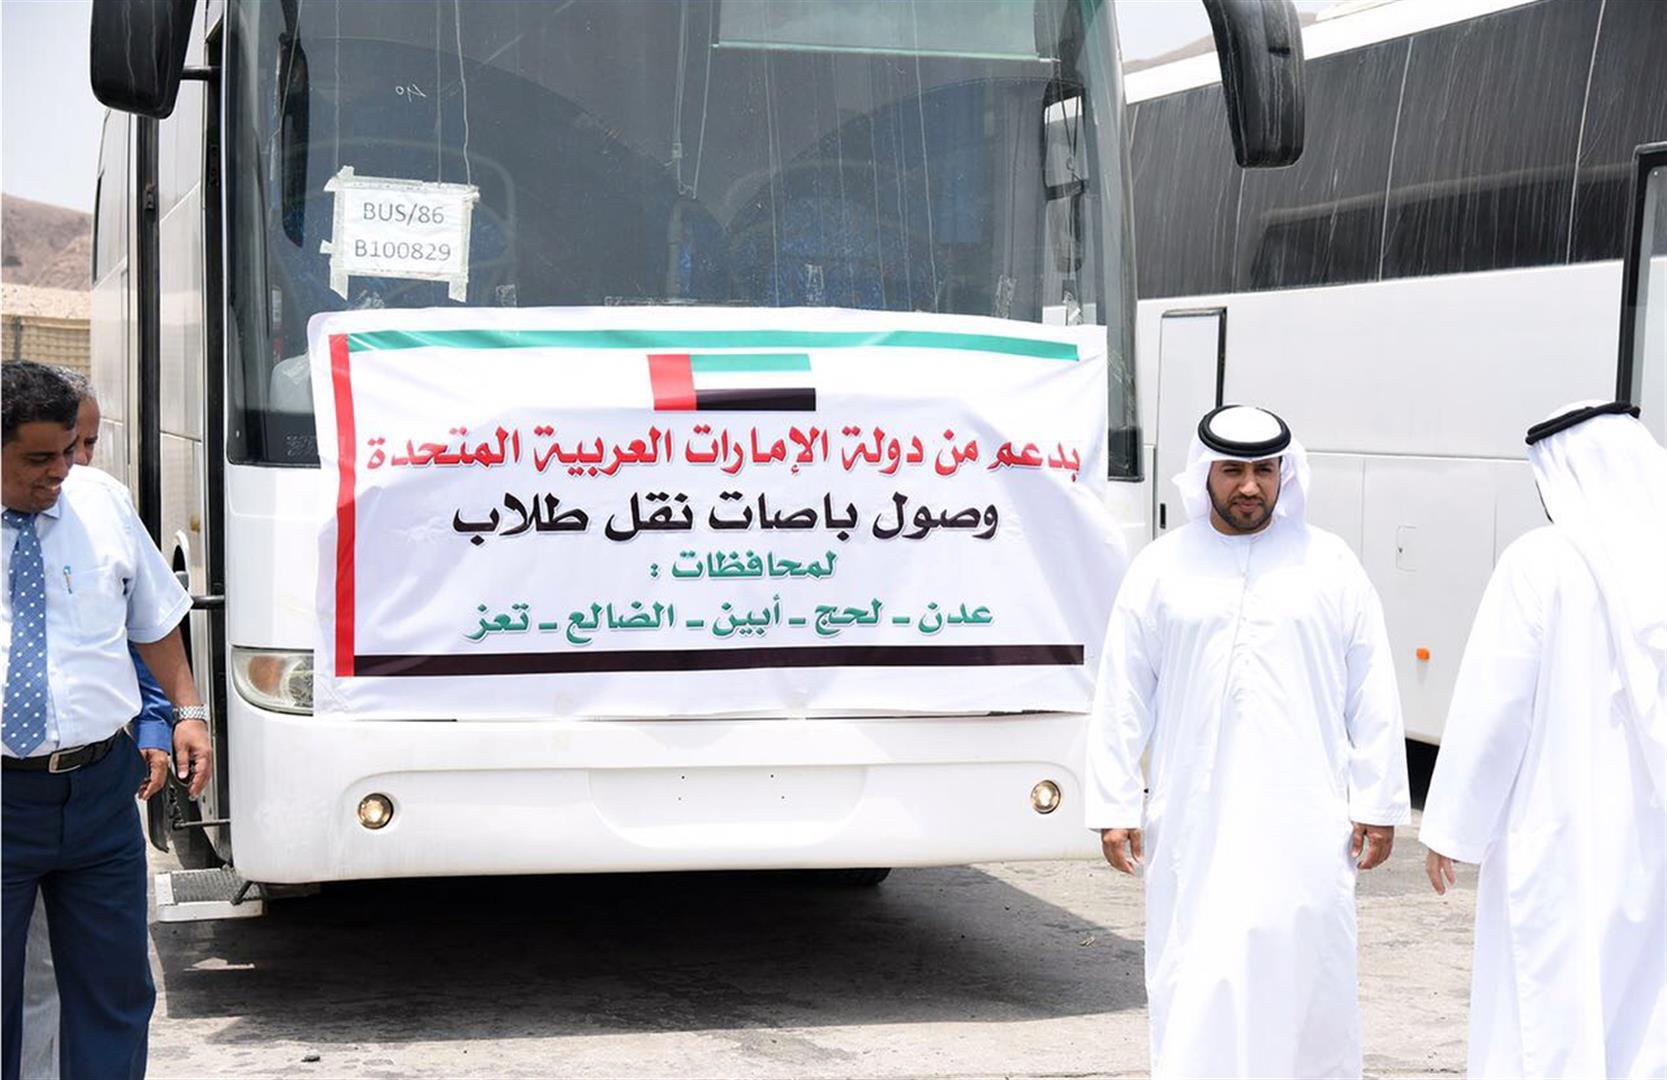 الإمارات تدعم قطاع التعليم في عدن بـ53 حافلة .. والدفعة الثانية قريبا 1